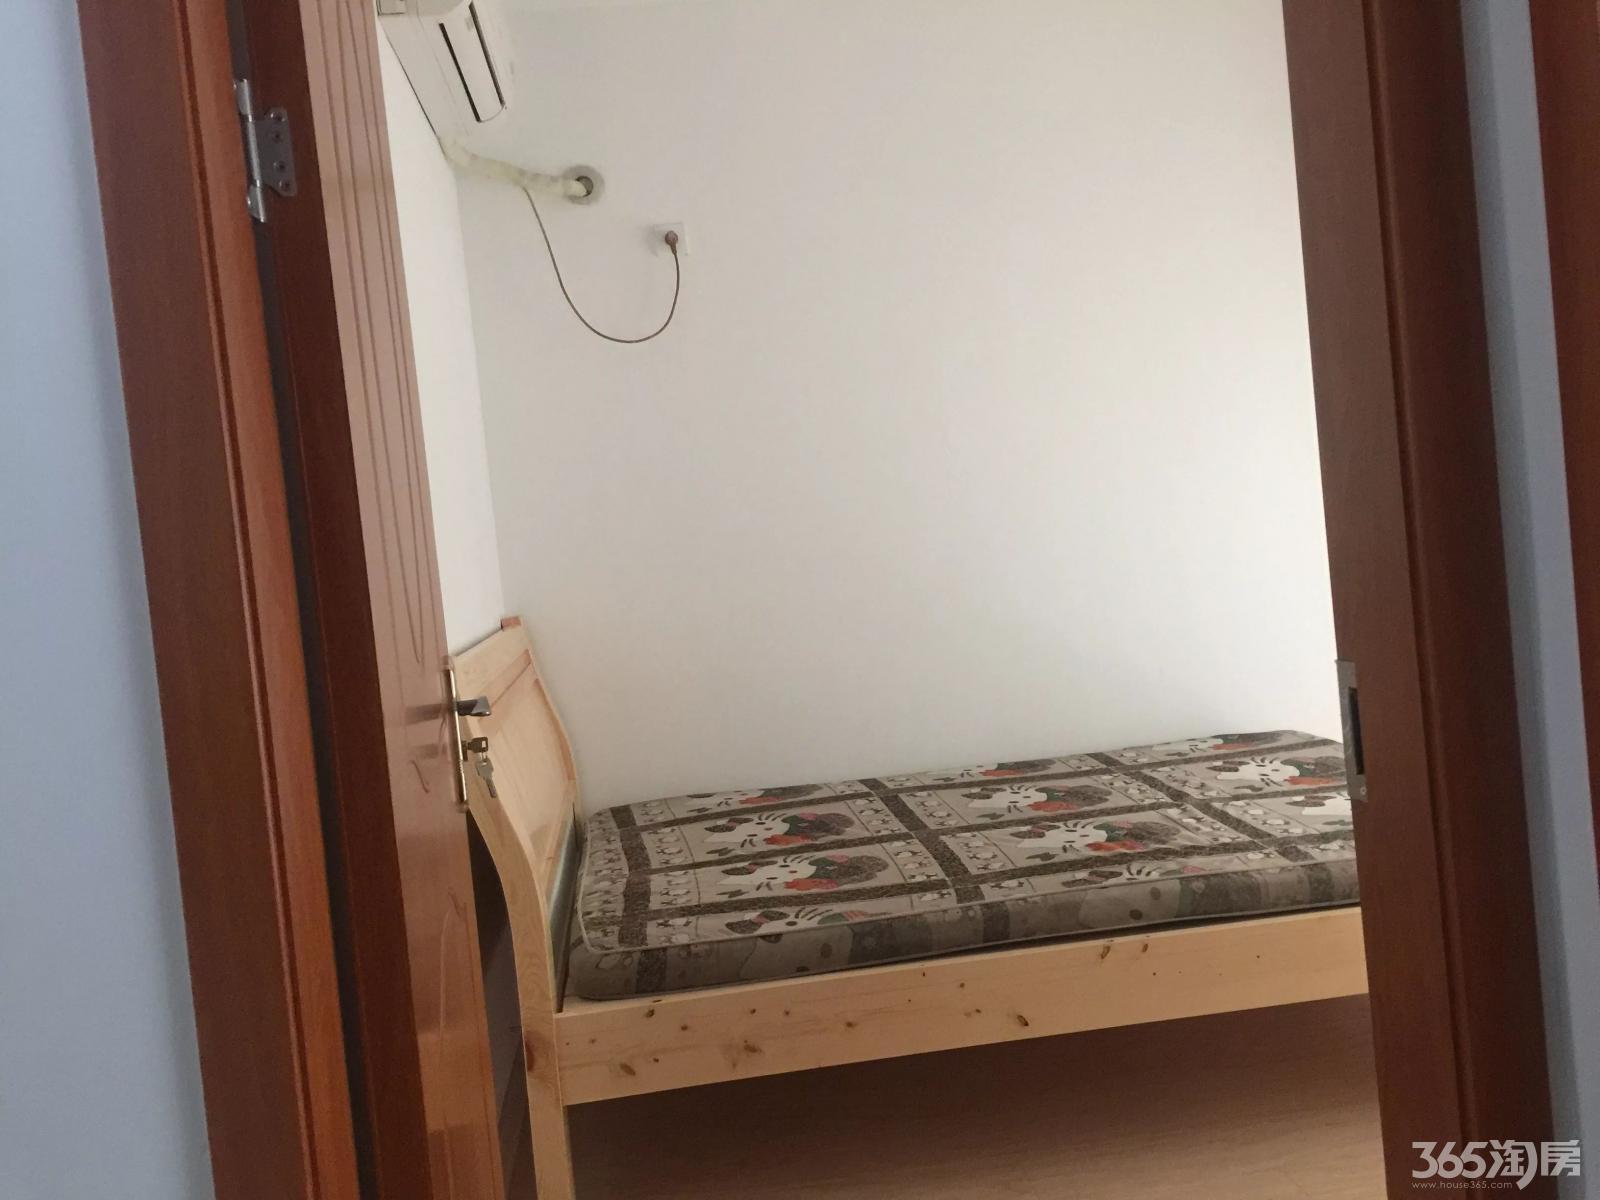 安师大附小分校旁 3房出租 1800\月 拎包入住